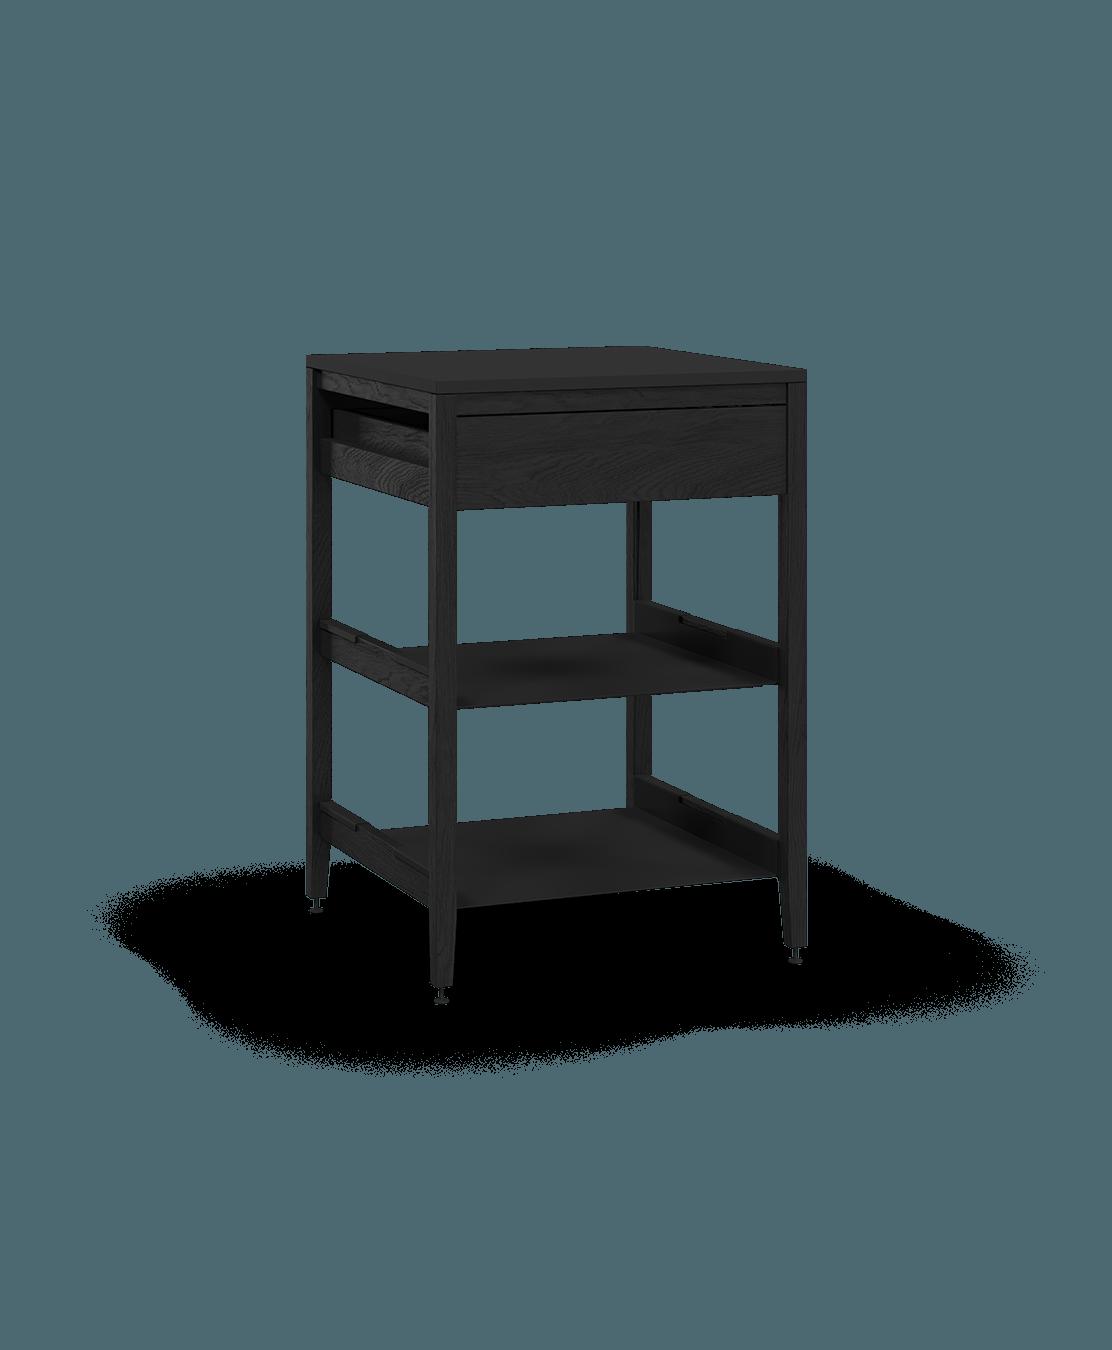 armoire de cuisine modulaire inférieure en bois massif coquo radix avec 2 tablettes 1 tiroir chêne teint noir nuit profonde 27 pouces C1-C-27SB-1022-BK